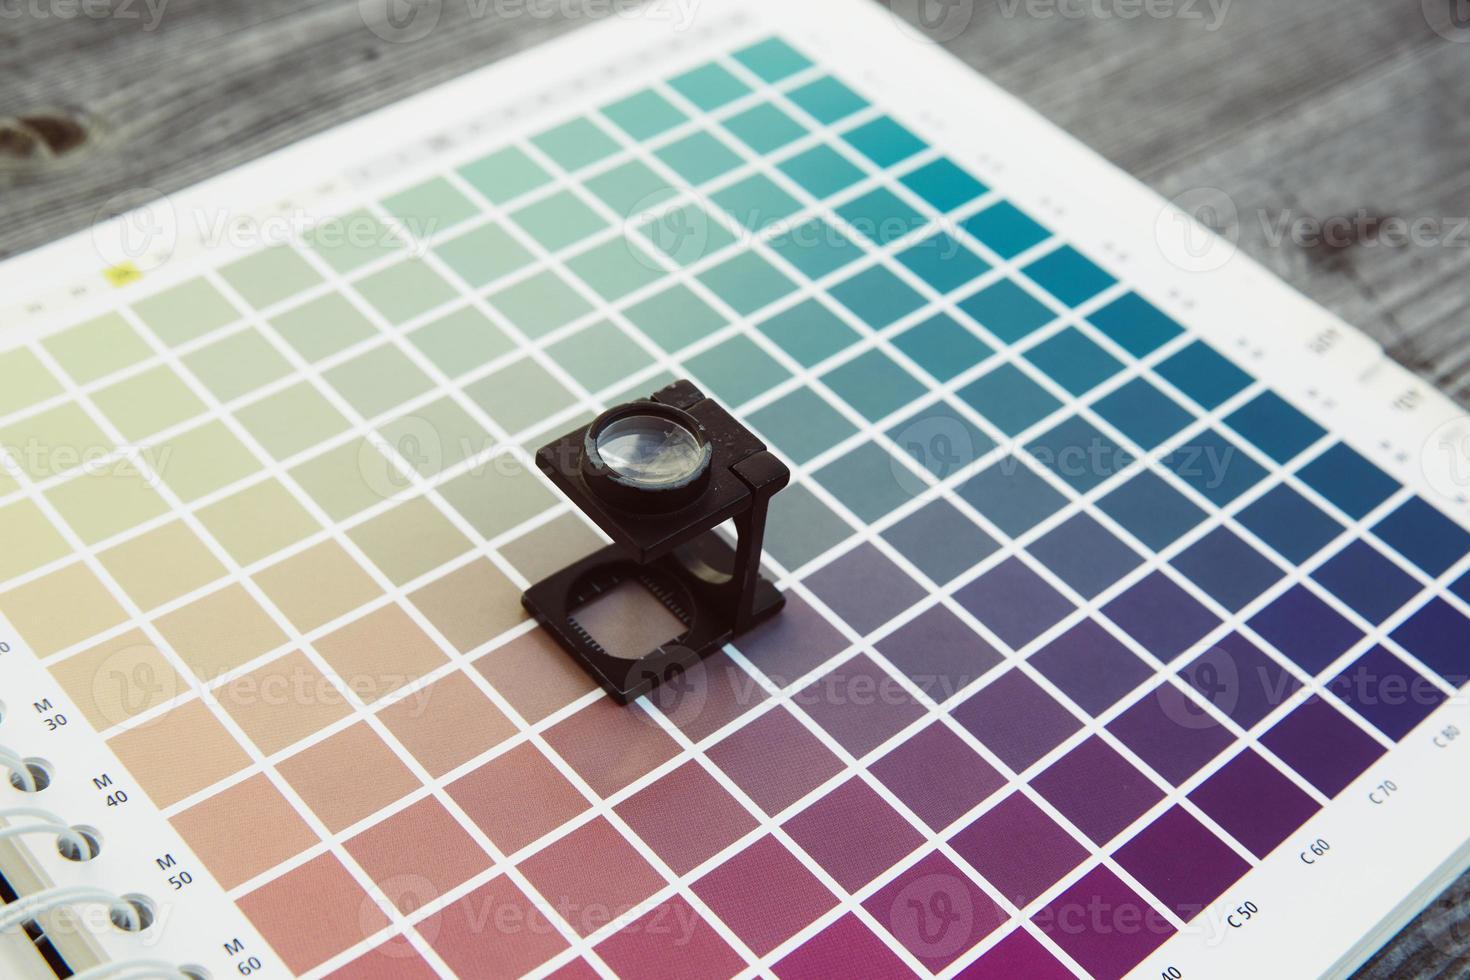 tester di biancheria per la gestione del colore cmyk foto